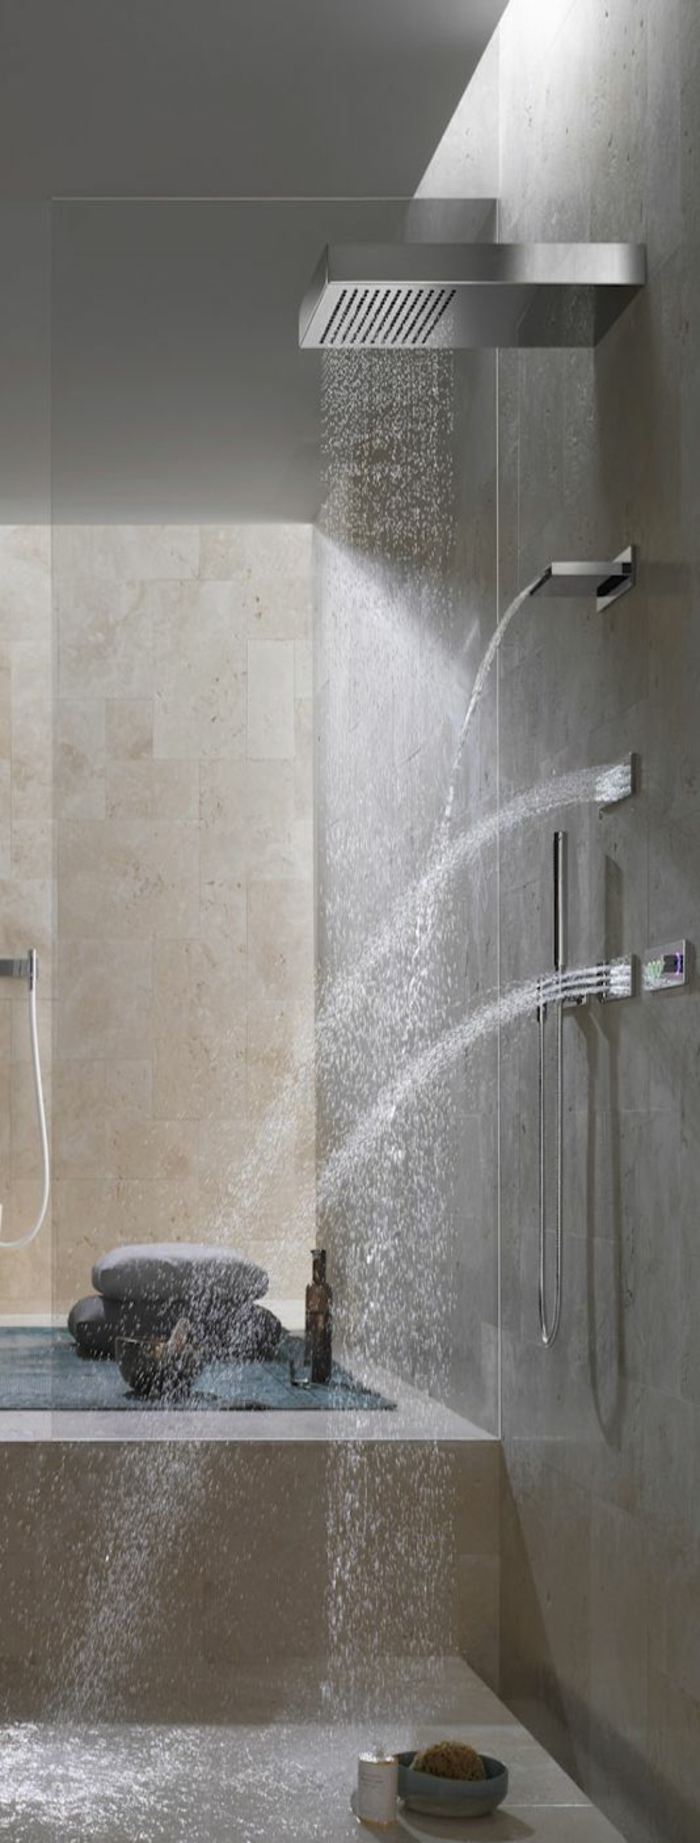 badezimmer temperatur – edgetags, Badezimmer ideen